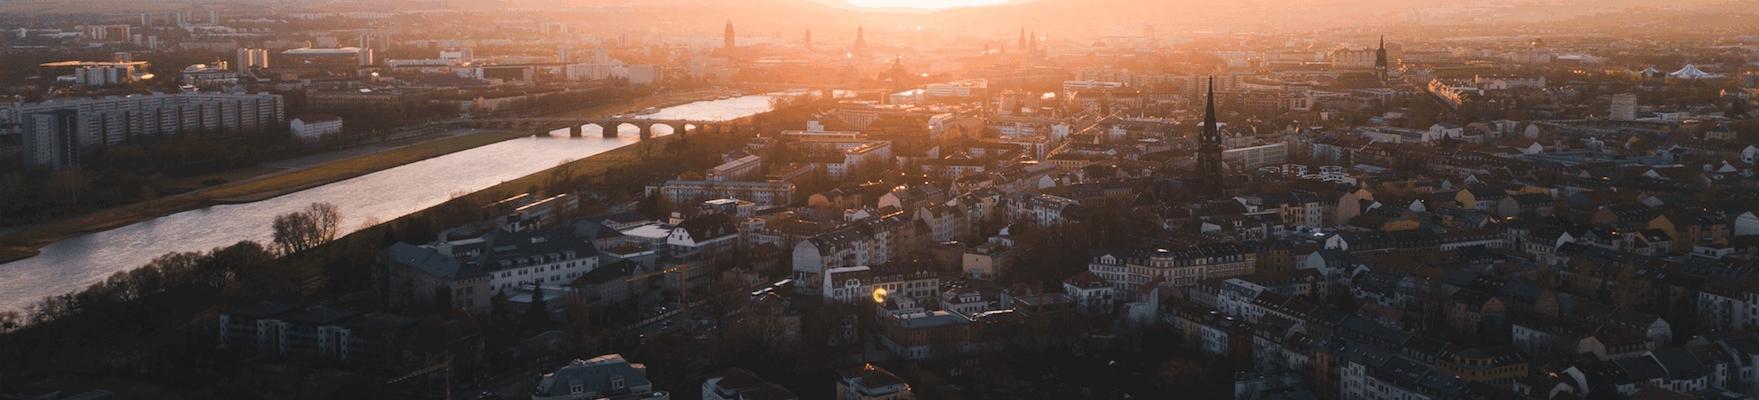 Lustige Stadtrundfahrt in sächischer Mundart Dresden 21.9.